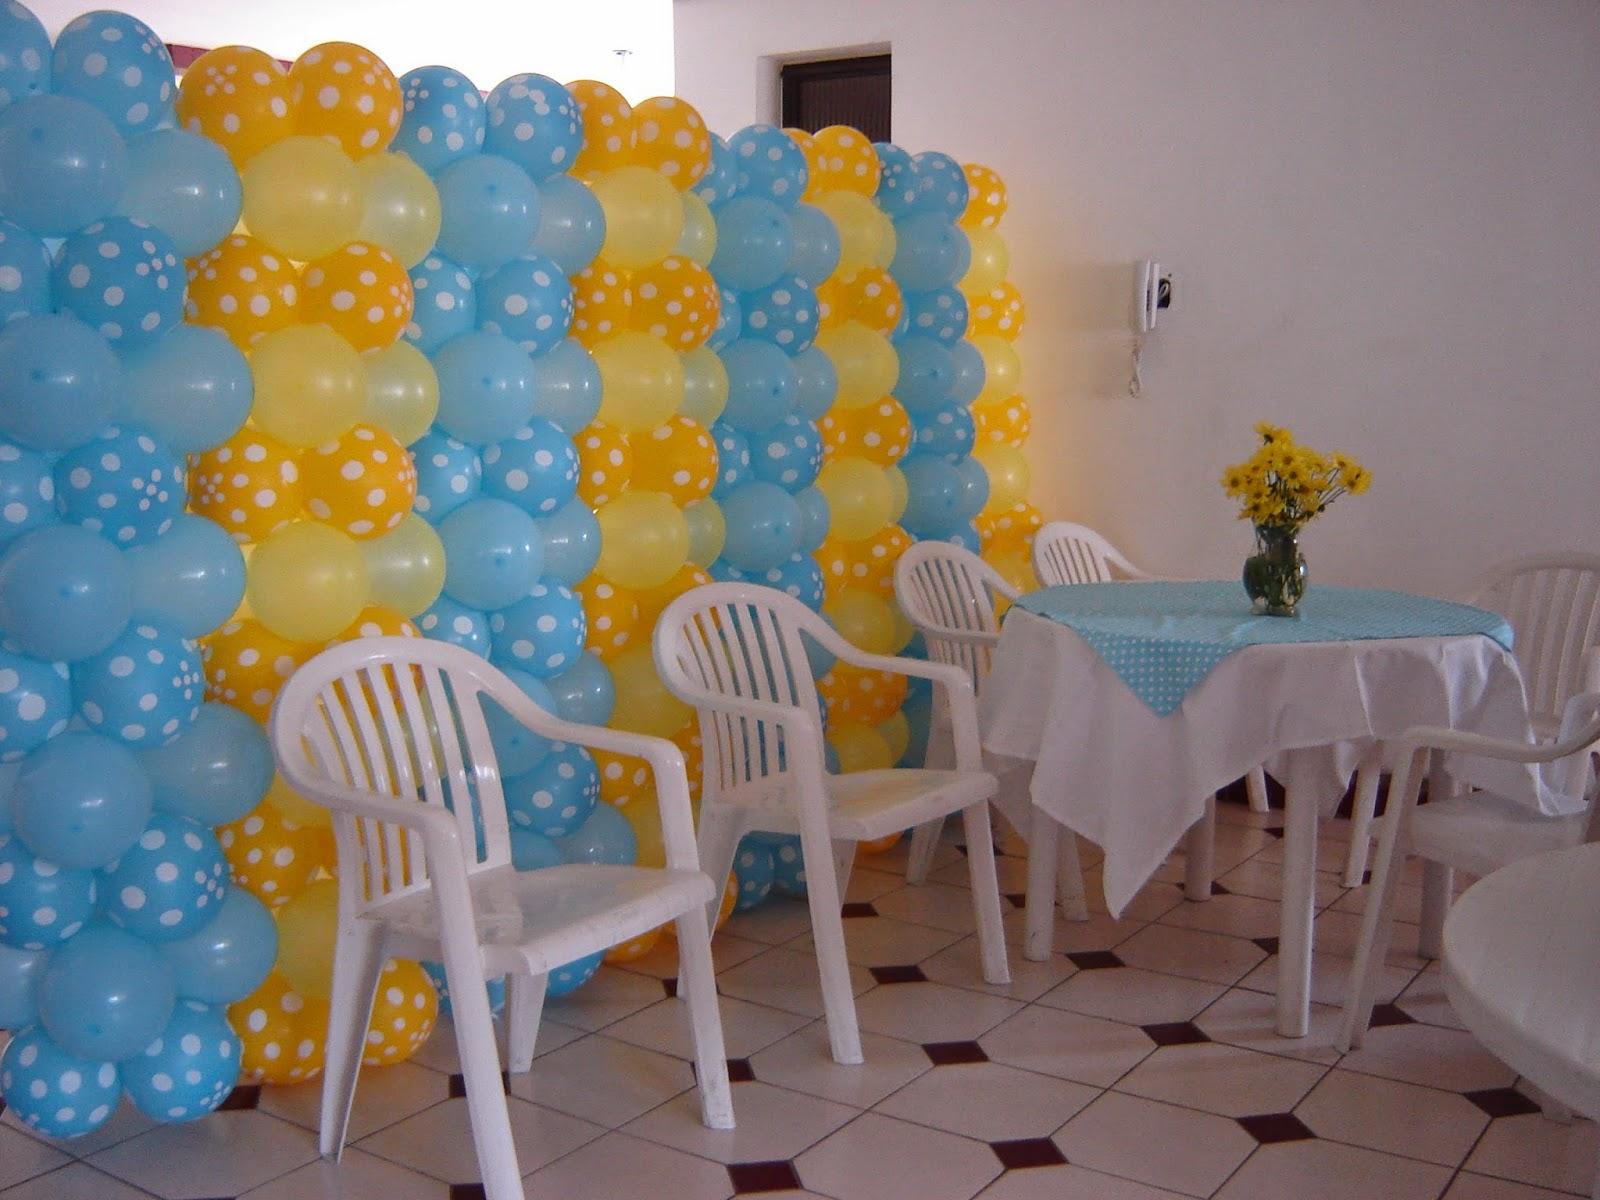 decoracao azul e amarelo para cha de bebe : decoracao azul e amarelo para cha de bebe:Priscila Arte em balões: Decoração Chá de Bebê (Azul e Amarelo)